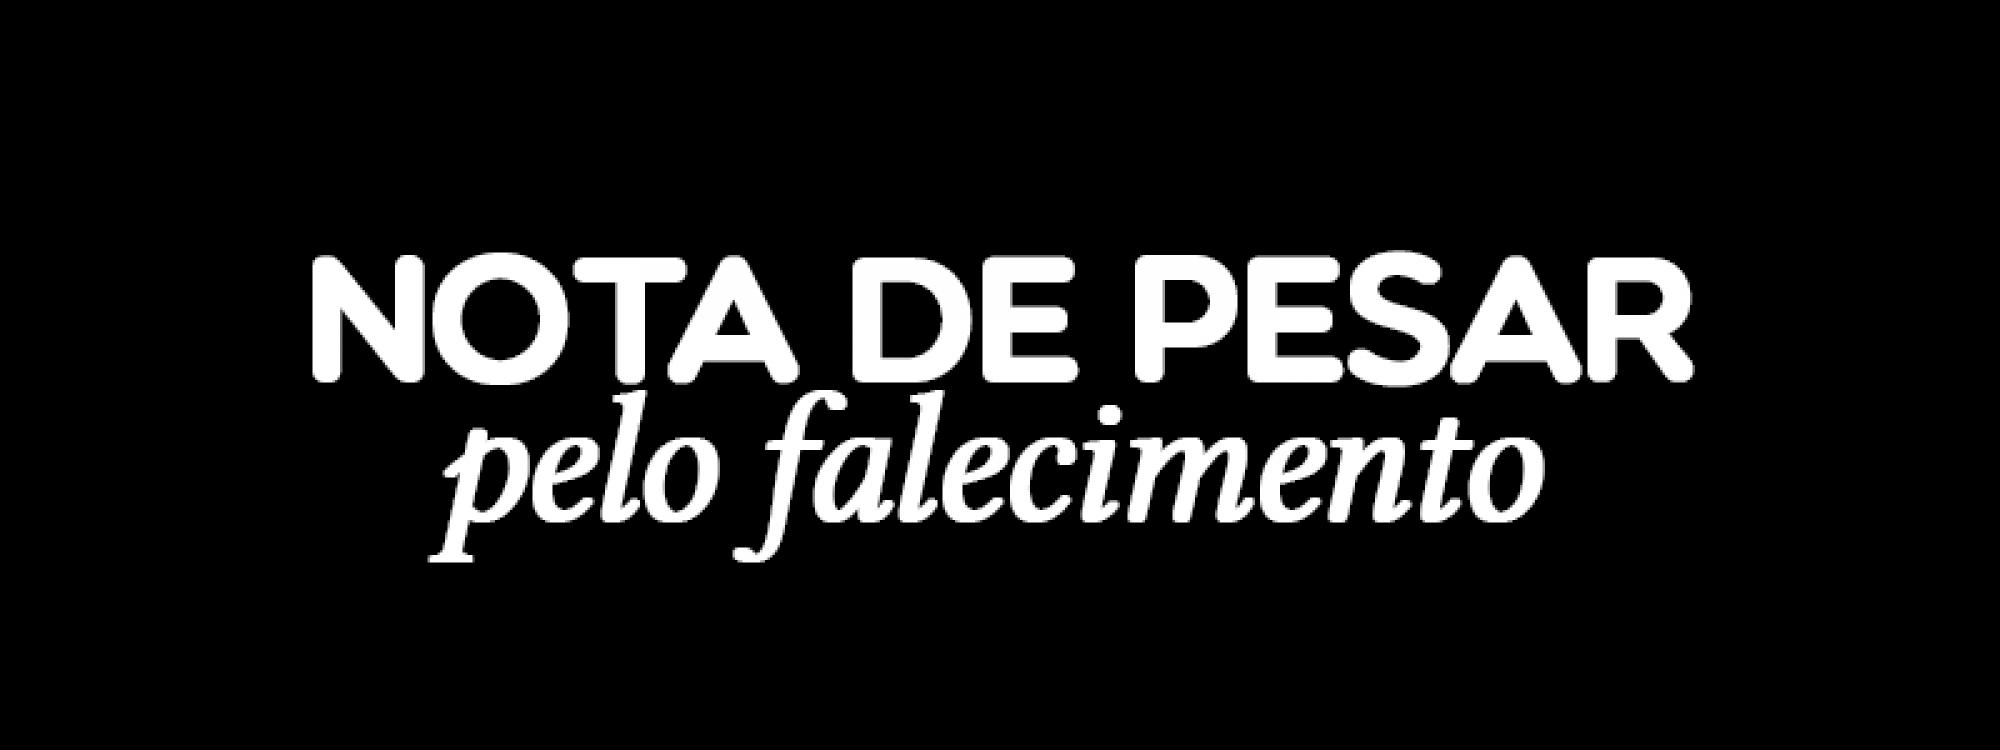 Nota de pesar pelo falecimento do professor Luiz Eustáquio Barbosa